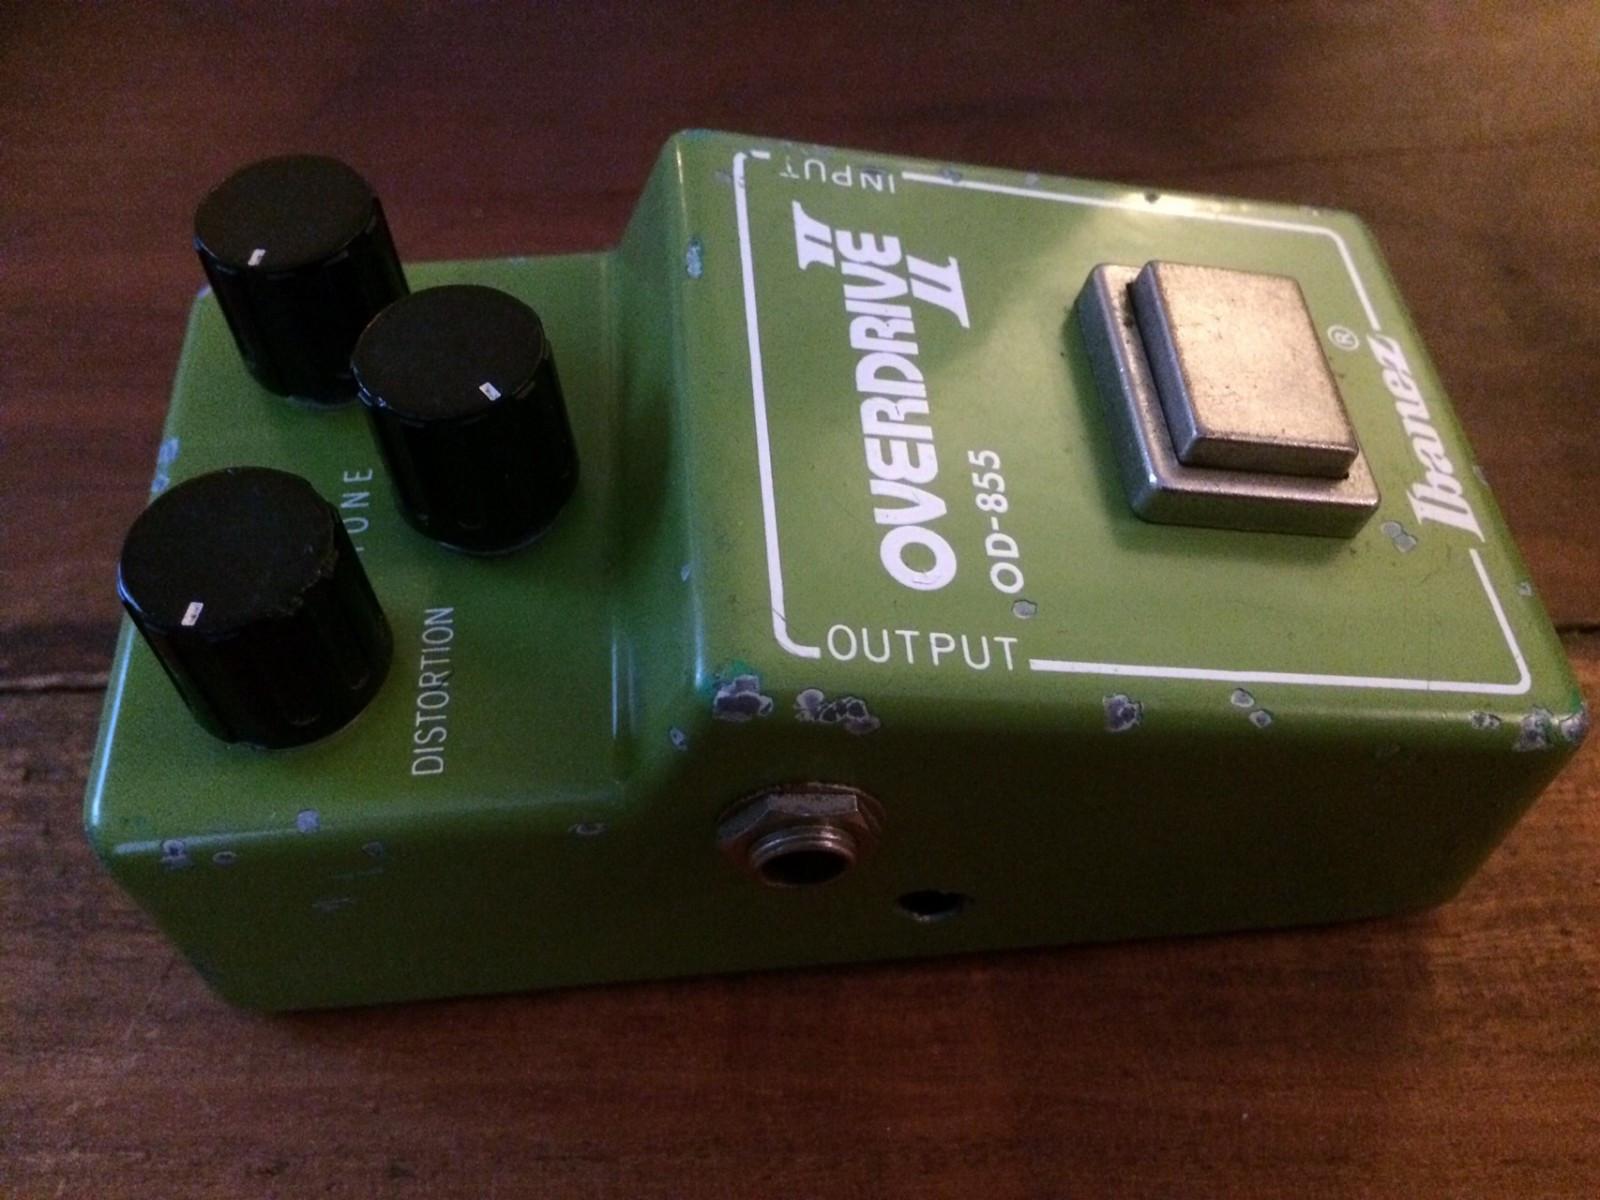 Vintage Ibanez OD-855 overdrive 2 - Lunner  - Vintage Ibanez OD-855 overdrive 2 selges. Kul box fra slutten av 70 tallet. Funksjonabel og virker som den skal. Kjøper bet frakt. - Lunner